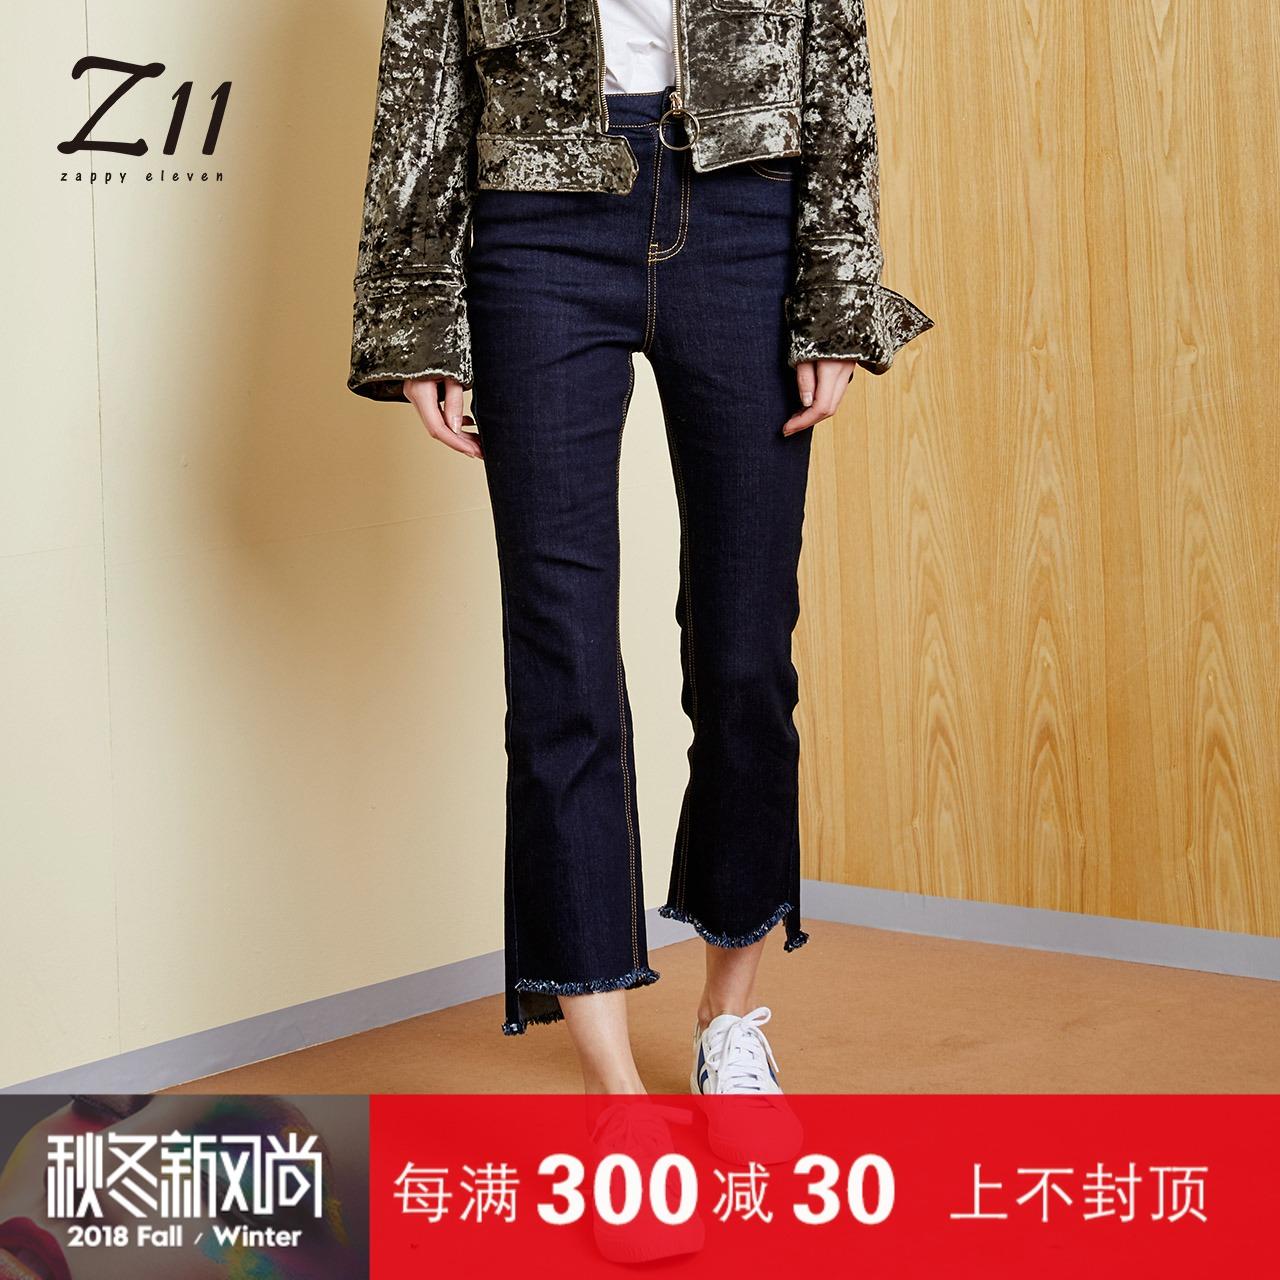 z11女装高腰修身牛仔裤新款毛边牛仔喇叭裤休闲长裤Z17CN528